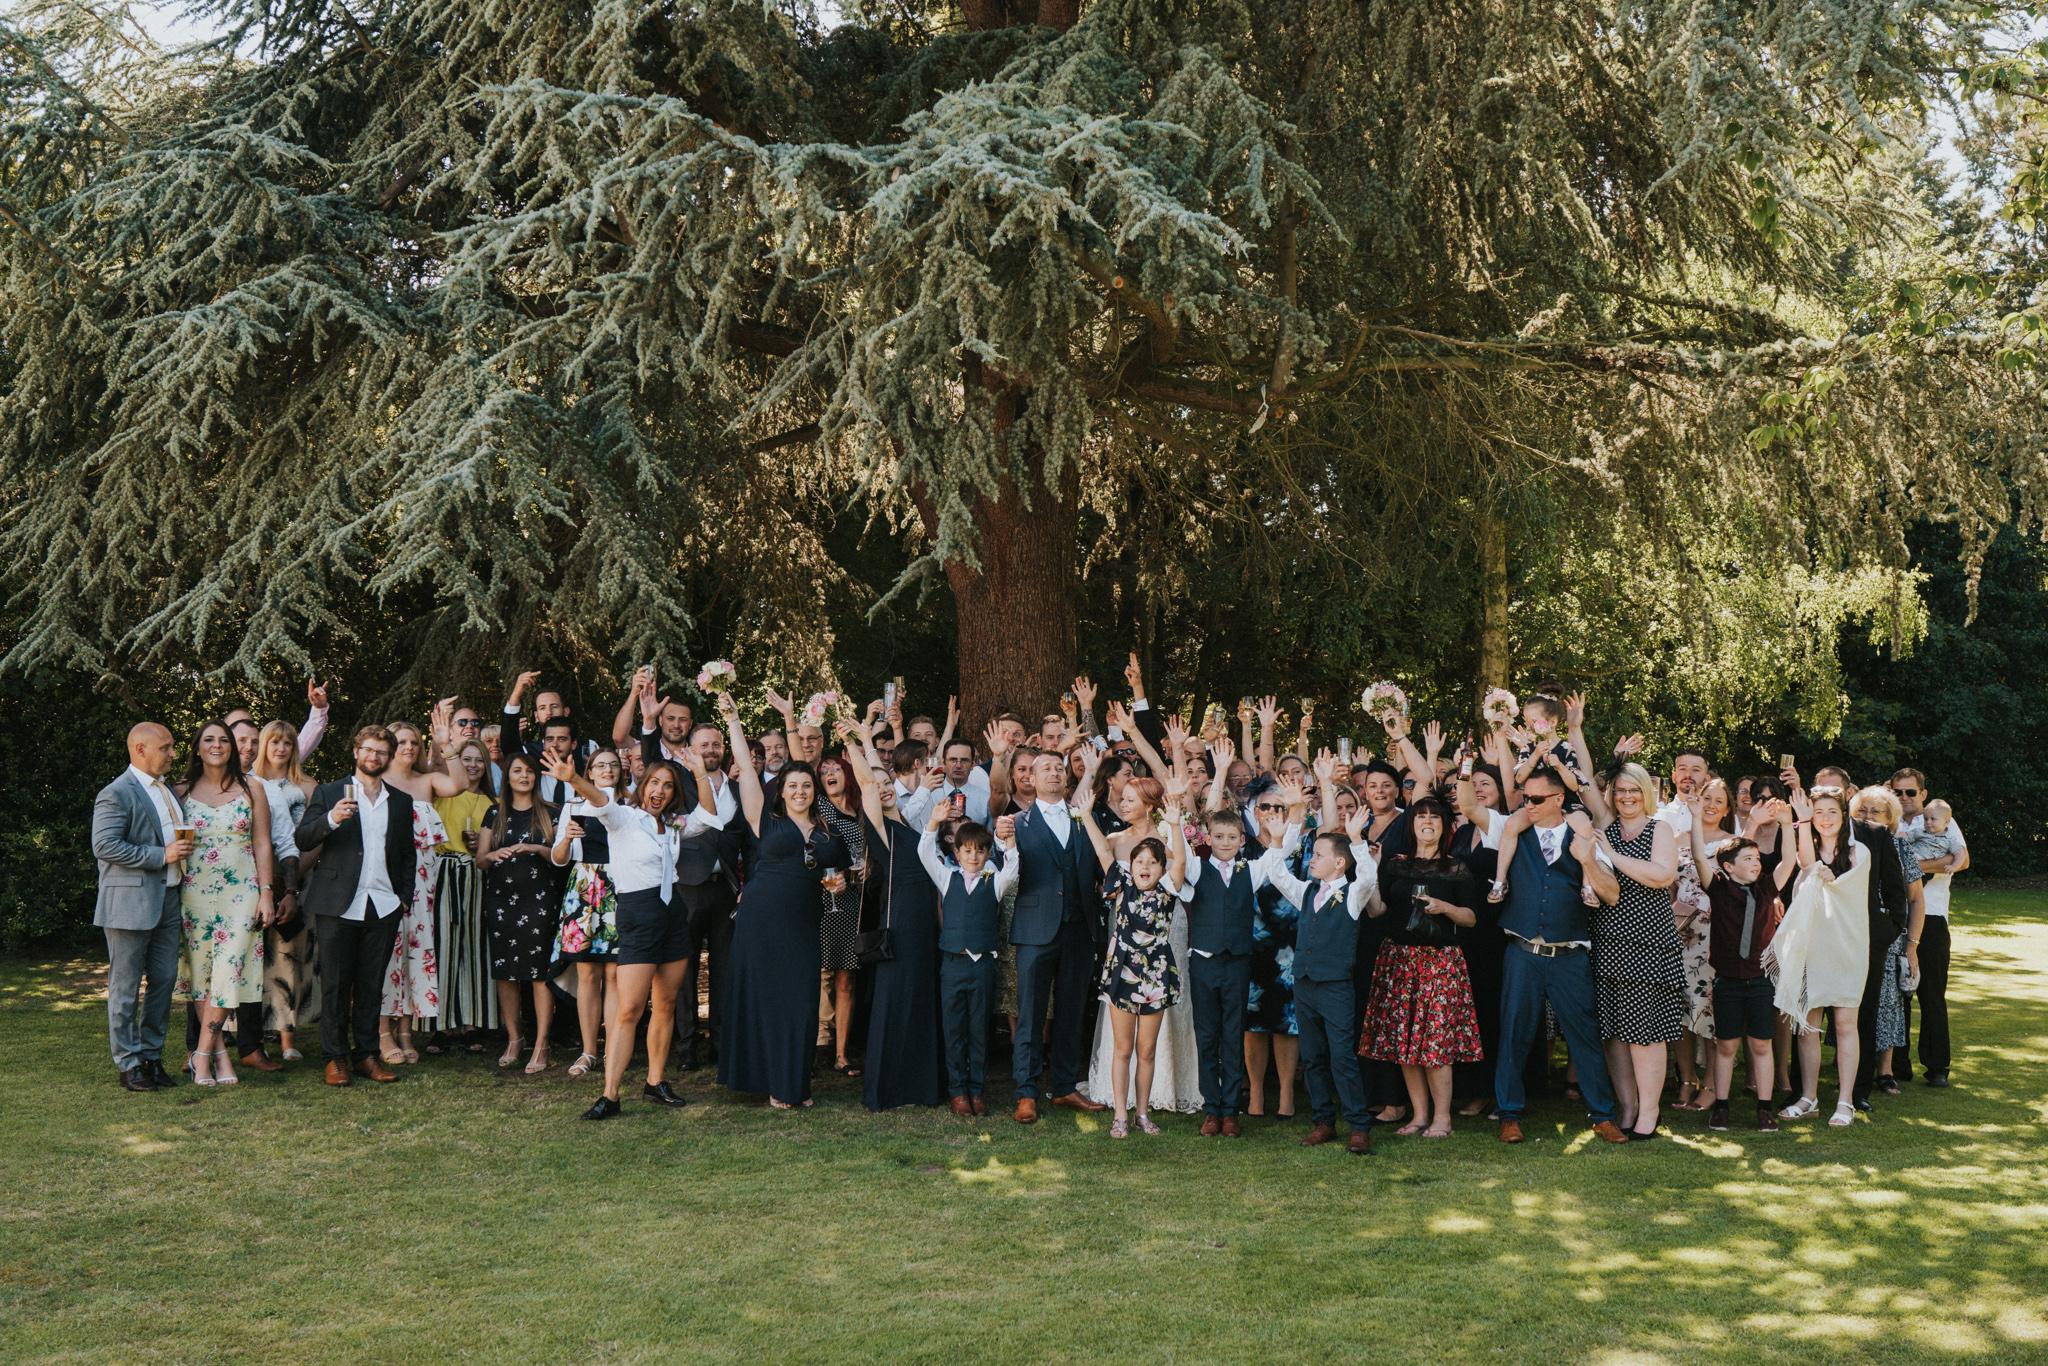 steph-neil-red-brick-barn-rochford-wedding-grace-elizabeth-colchester-essex-alternative-wedding-photographer-essex-suffolk-norfolk-devon (27 of 43).jpg